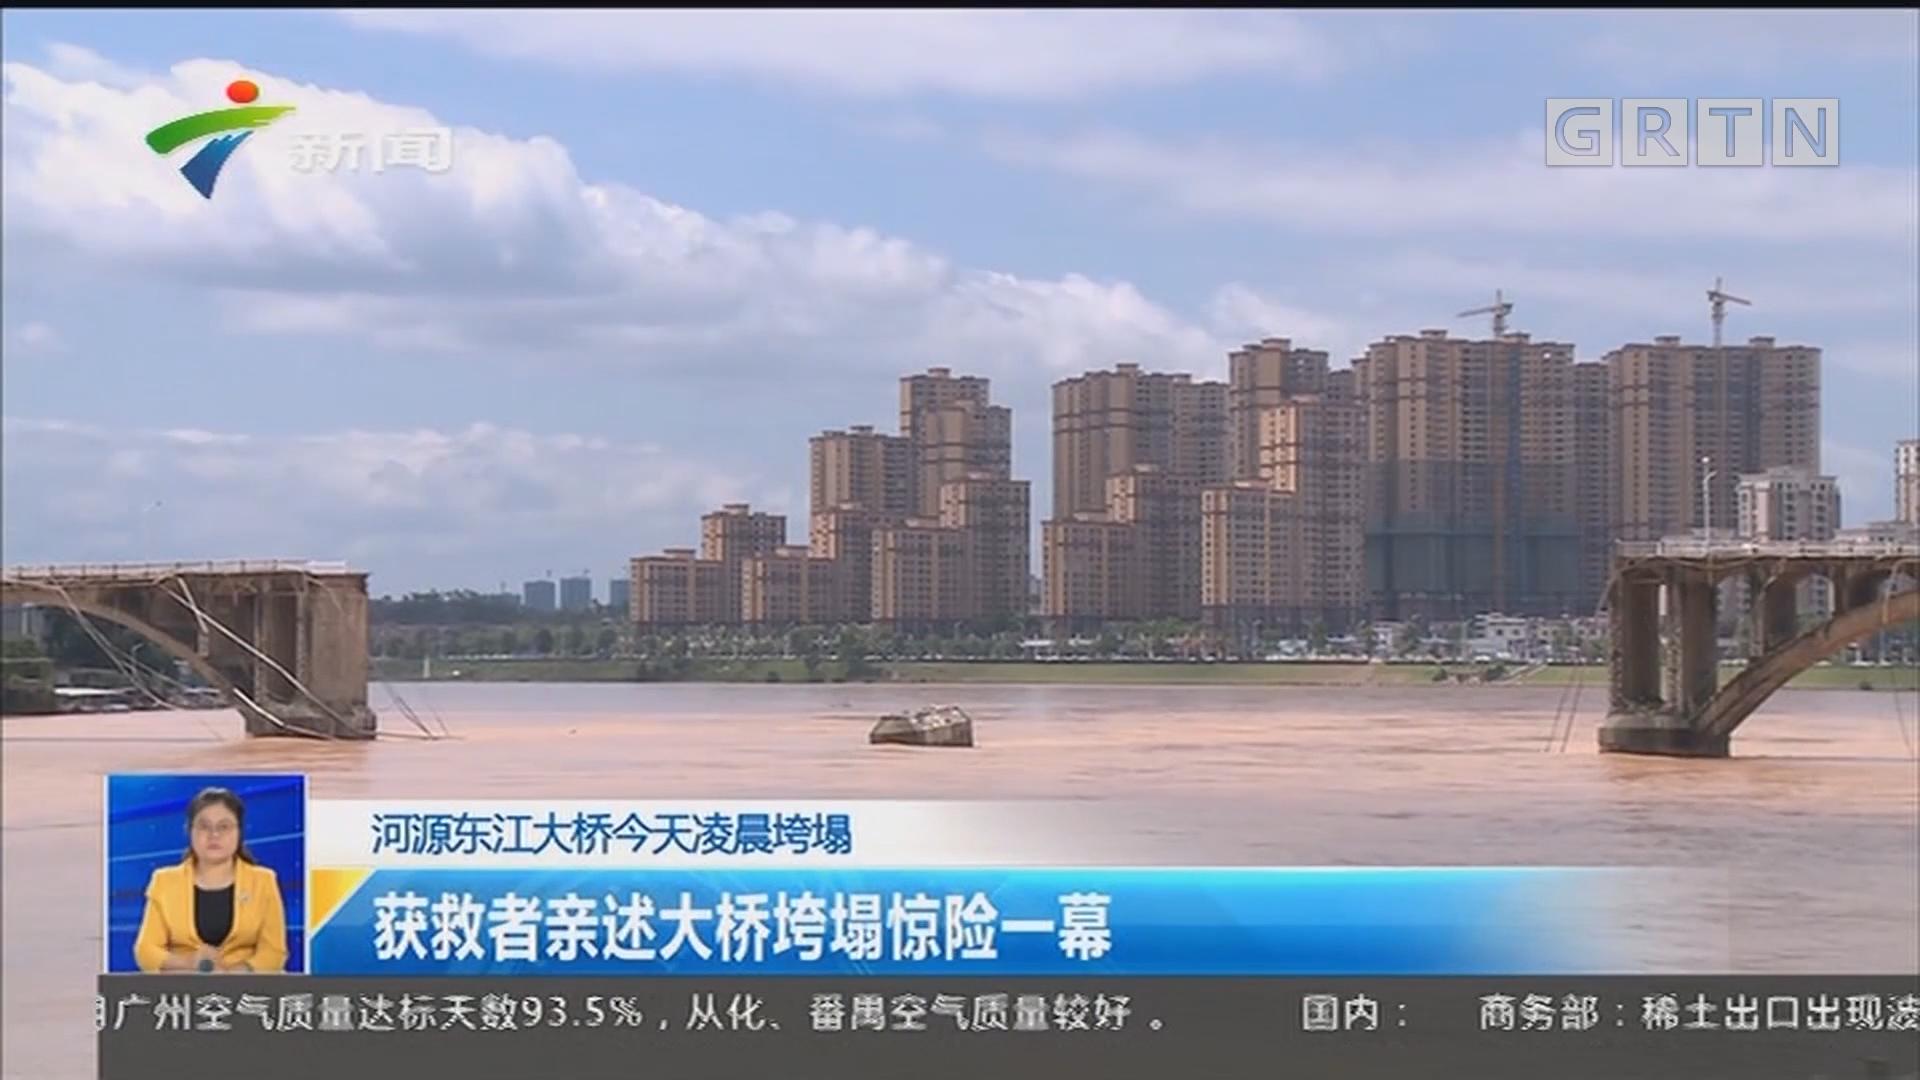 河源东江大桥今天凌晨垮塌:获救者亲述大桥垮塌惊险一幕